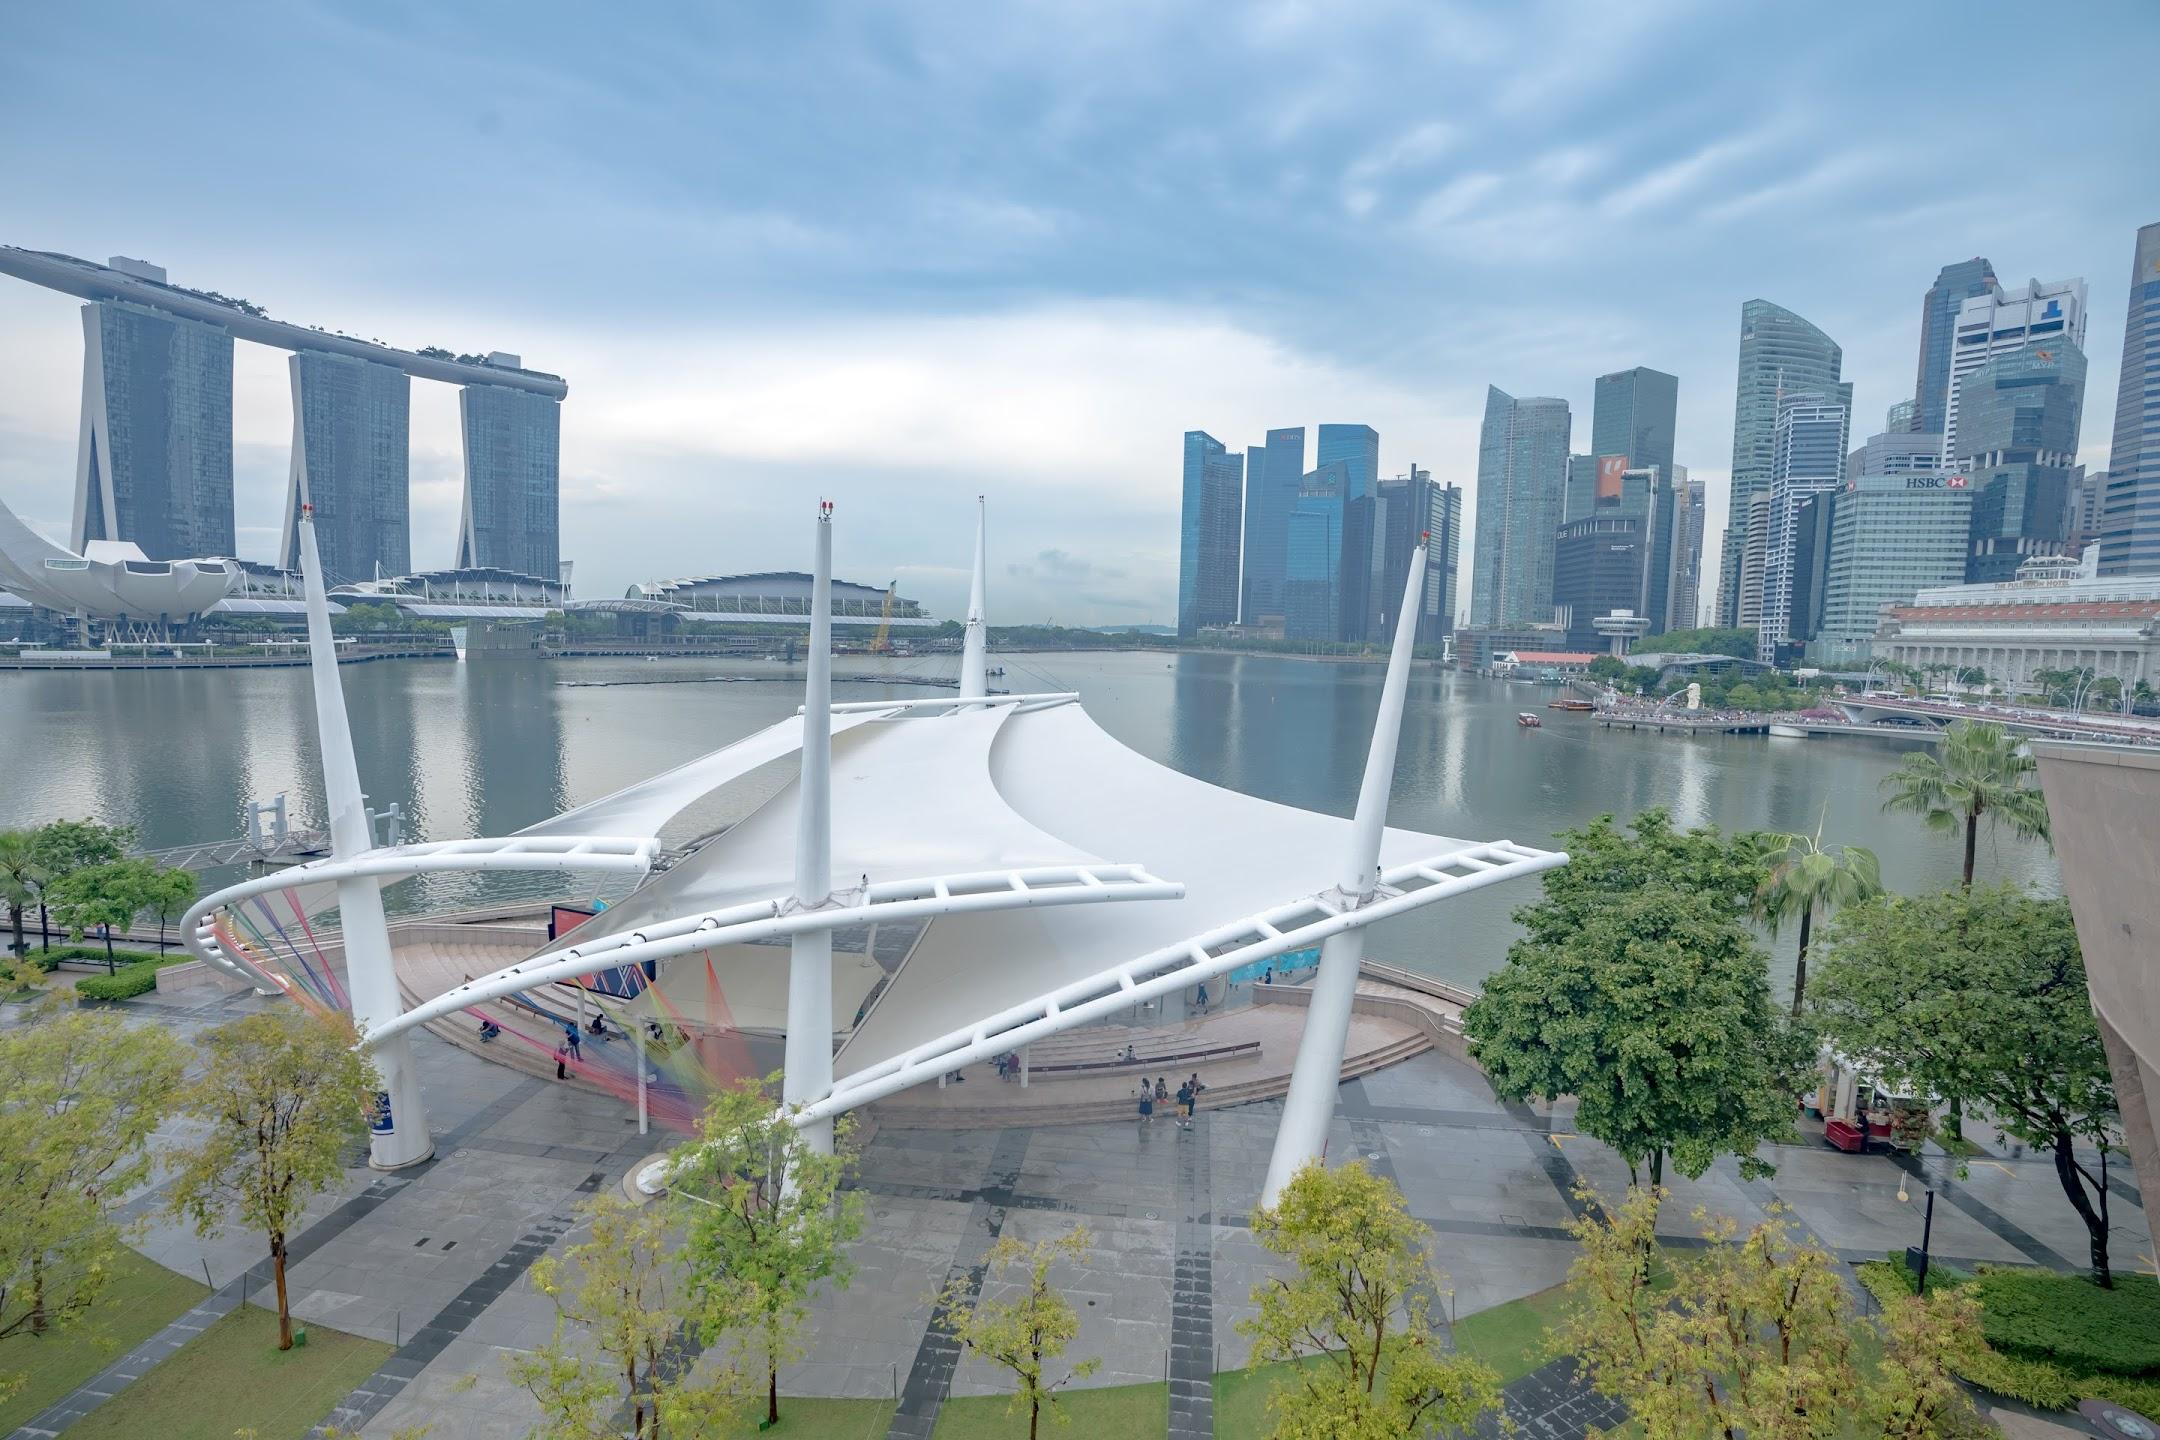 シンガポール エスプラネード Roof Terrace1